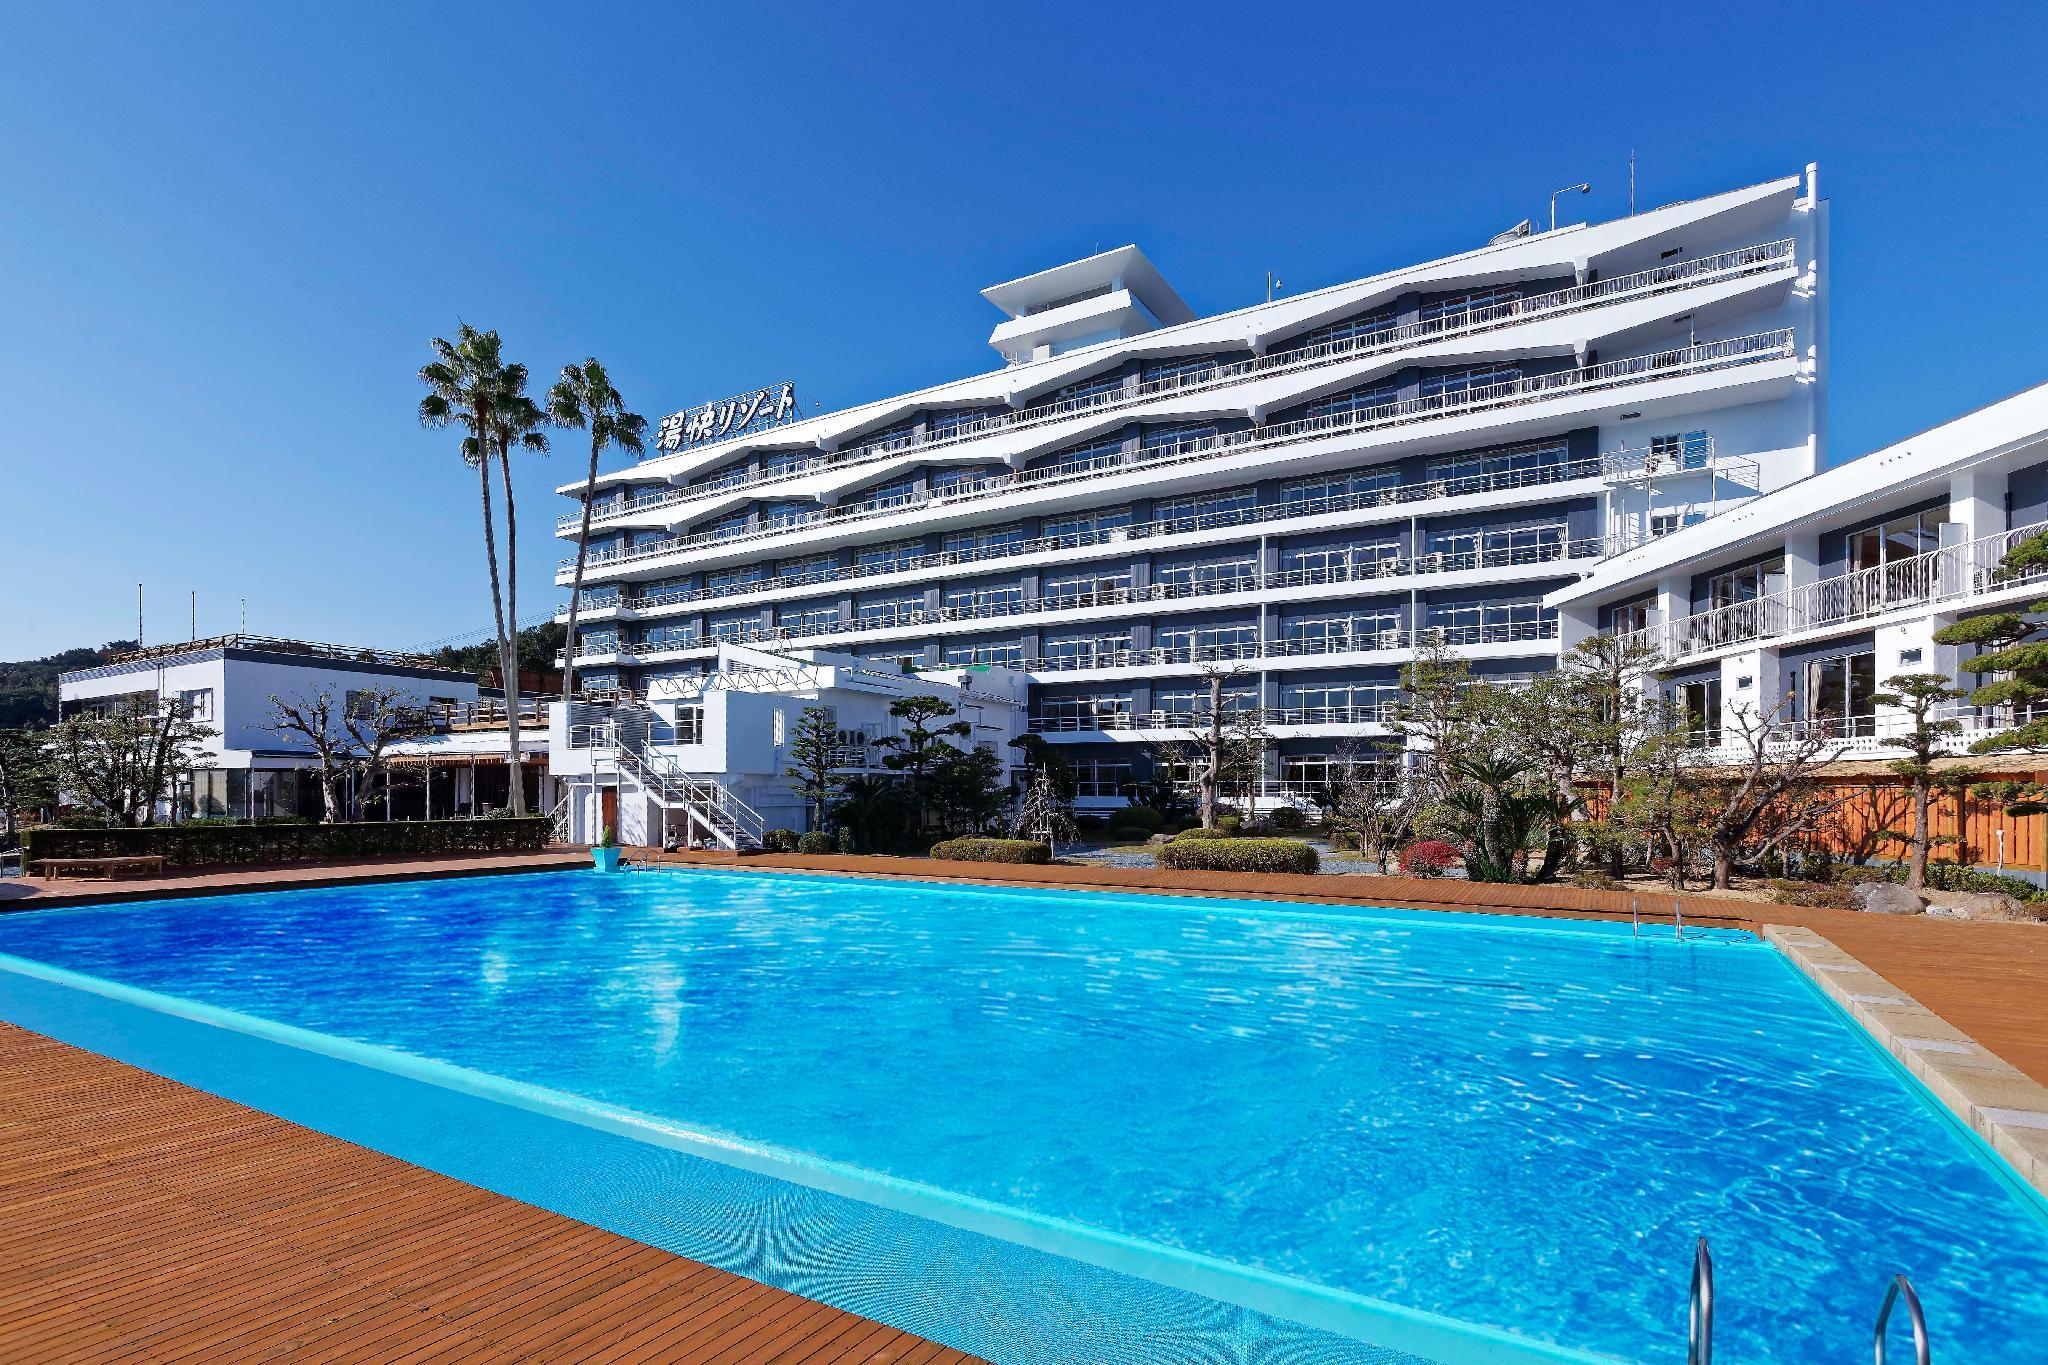 Yukai Resort Nanki Shirahamaonsen Shirahama Saichoraku Premium